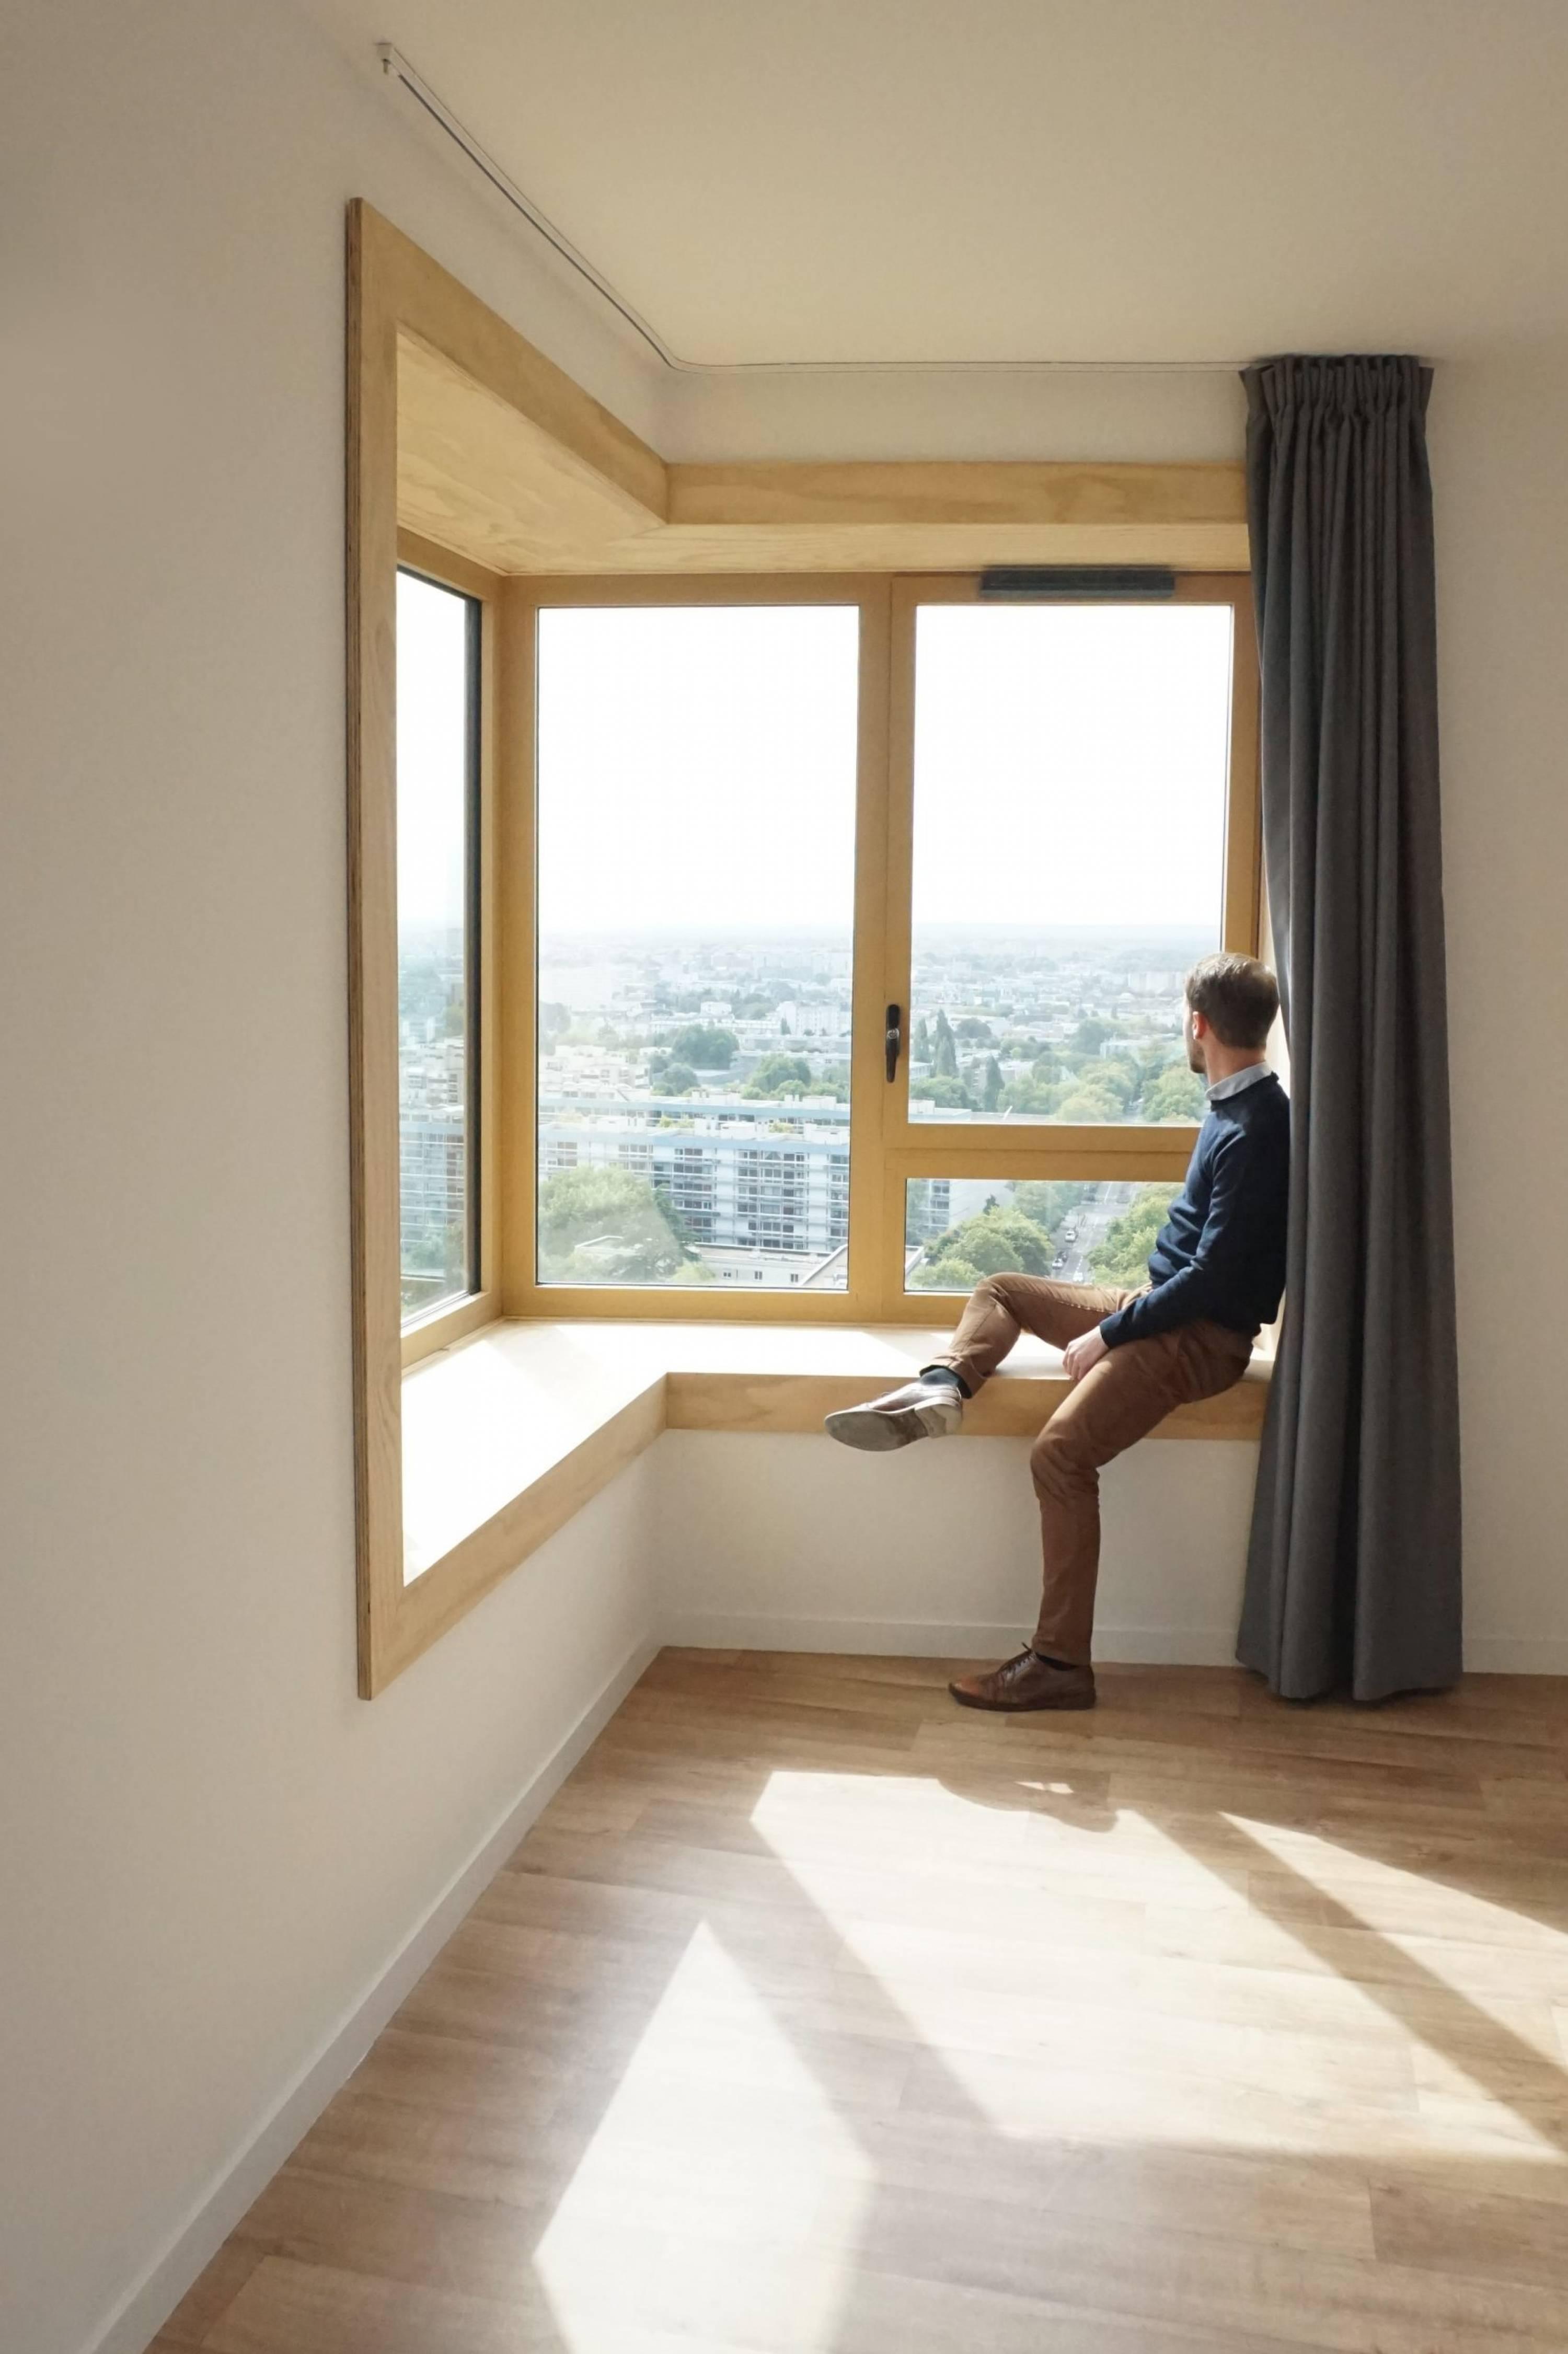 Bruno à la fenêtre d'une chambre de Normandie Saumurois, Rennes, ©urbanmakers